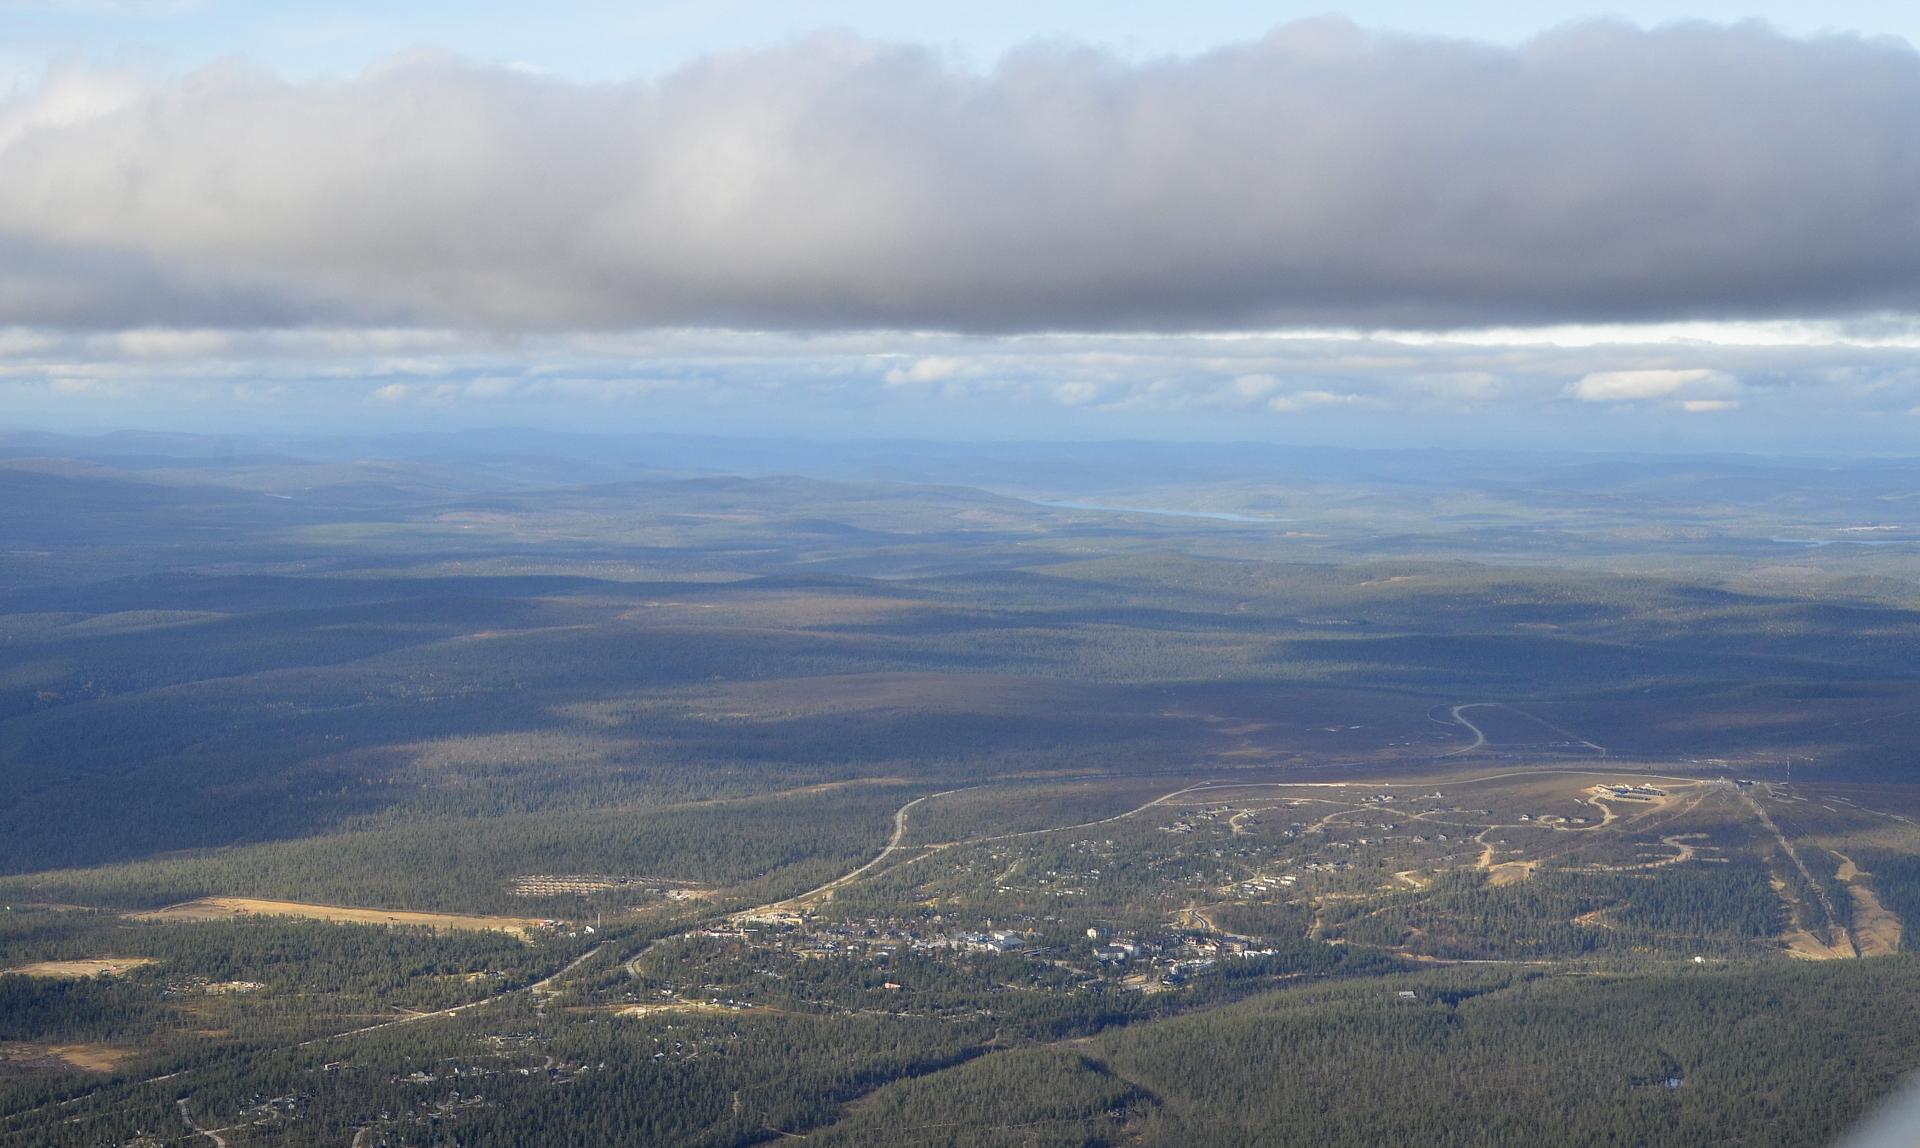 Ukonjärvi siintelee kaukaisuudessa, alhaalla Saariselän kylä.